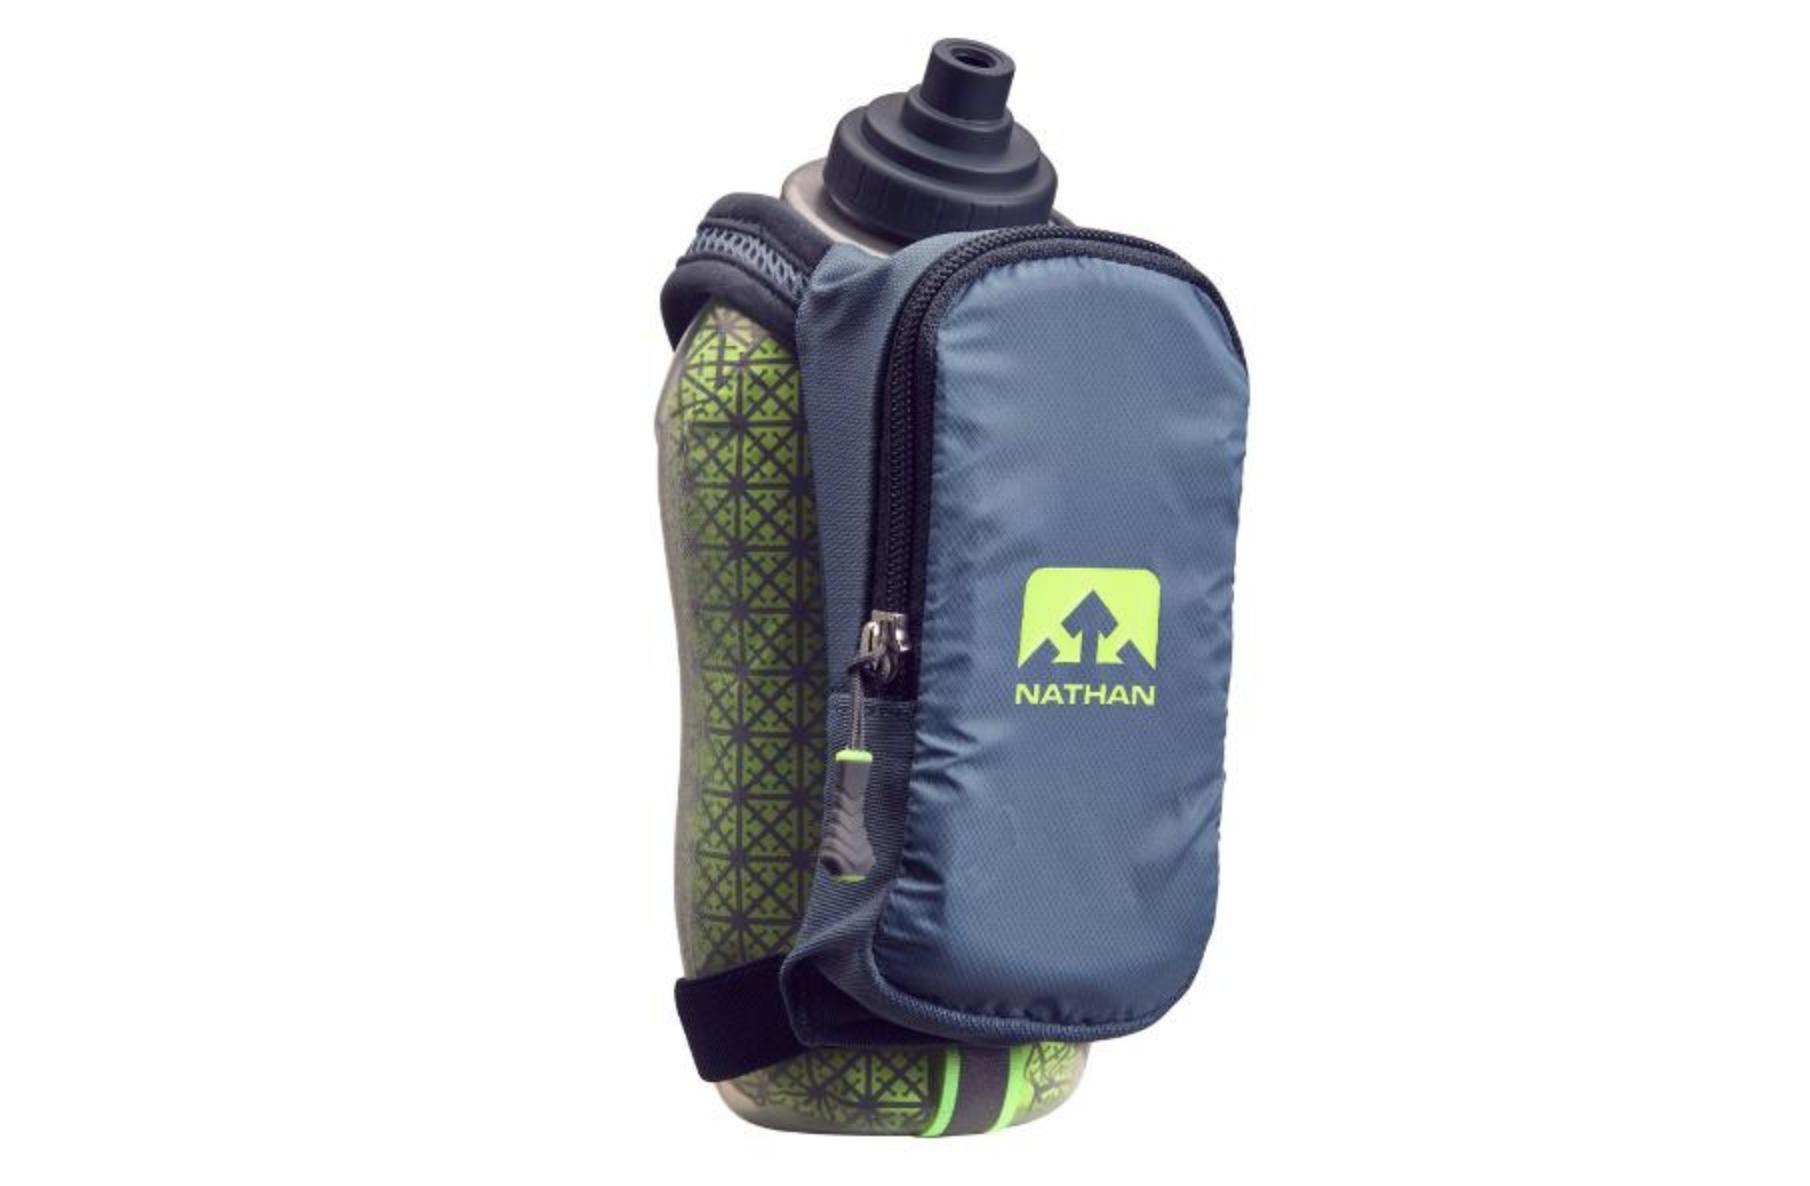 Nathan SpeedDraw Plus water bottle